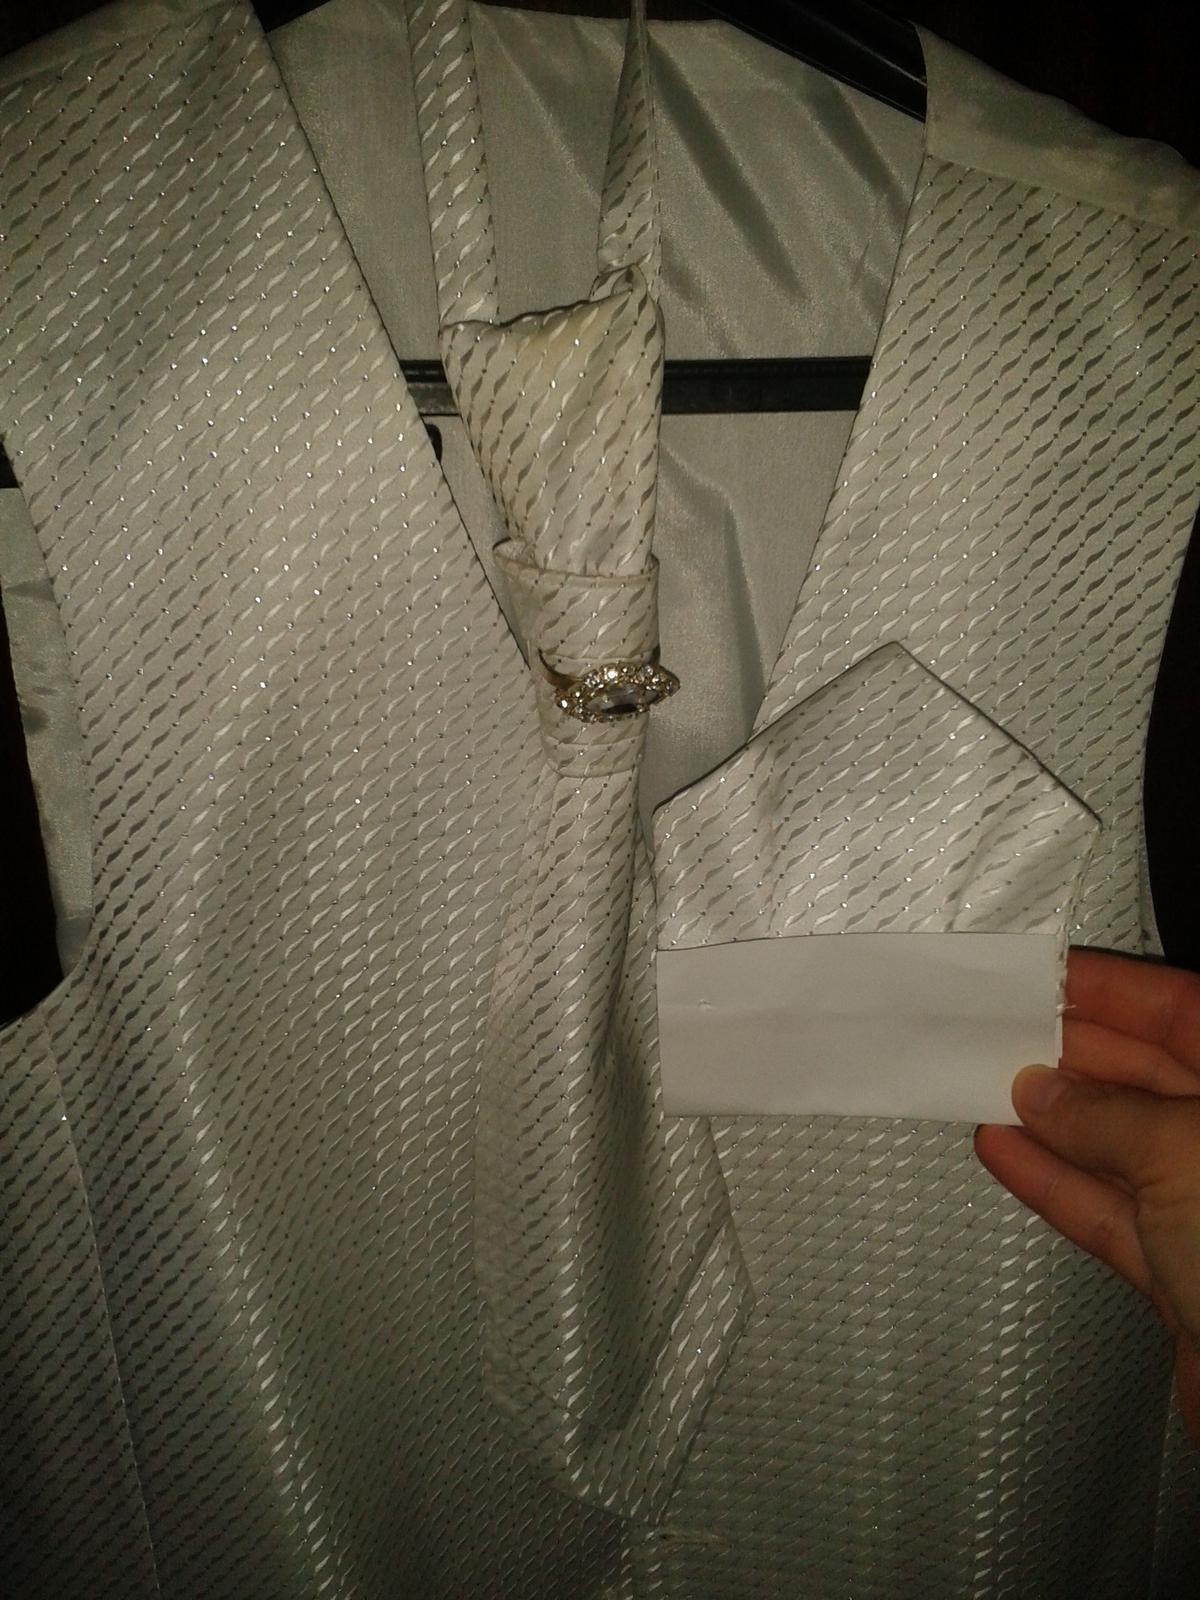 c0aaaacbd Svadobná vesta, francúzska kravata, vreckovka, 46 - 8 € od predávajúcej  727simqa | Detský bazár | ModryKonik.sk